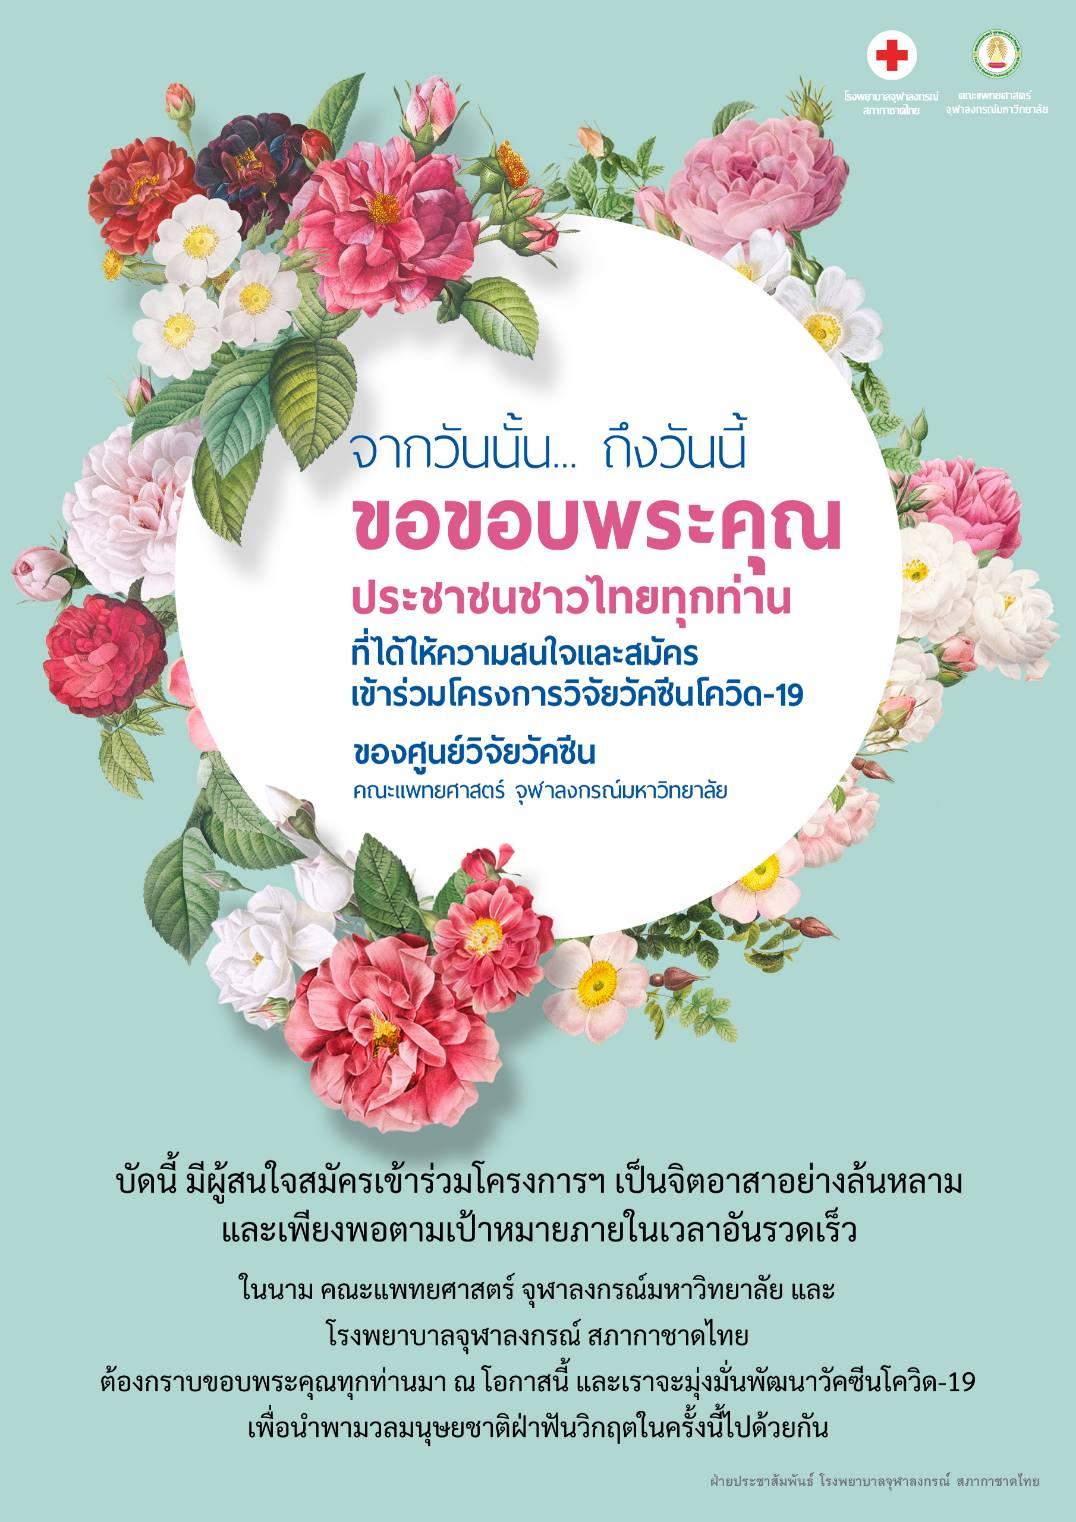 ขอขอบพระคุณ ประชาชนชาวไทยทุกท่าน ที่ได้ให้ความสนใจและสมัคร เข้าร่วมโครงการวิจัยวัคซีนโควิด-19